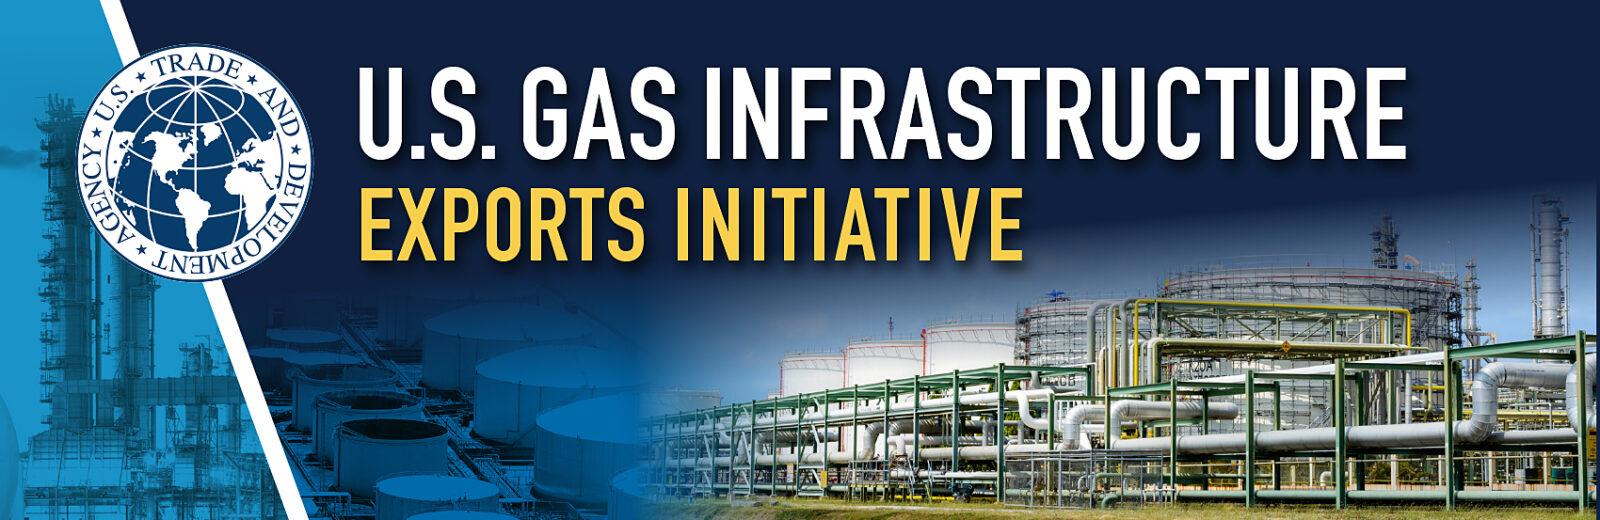 USTDA-Gas-Infrastructure-Banner_R5